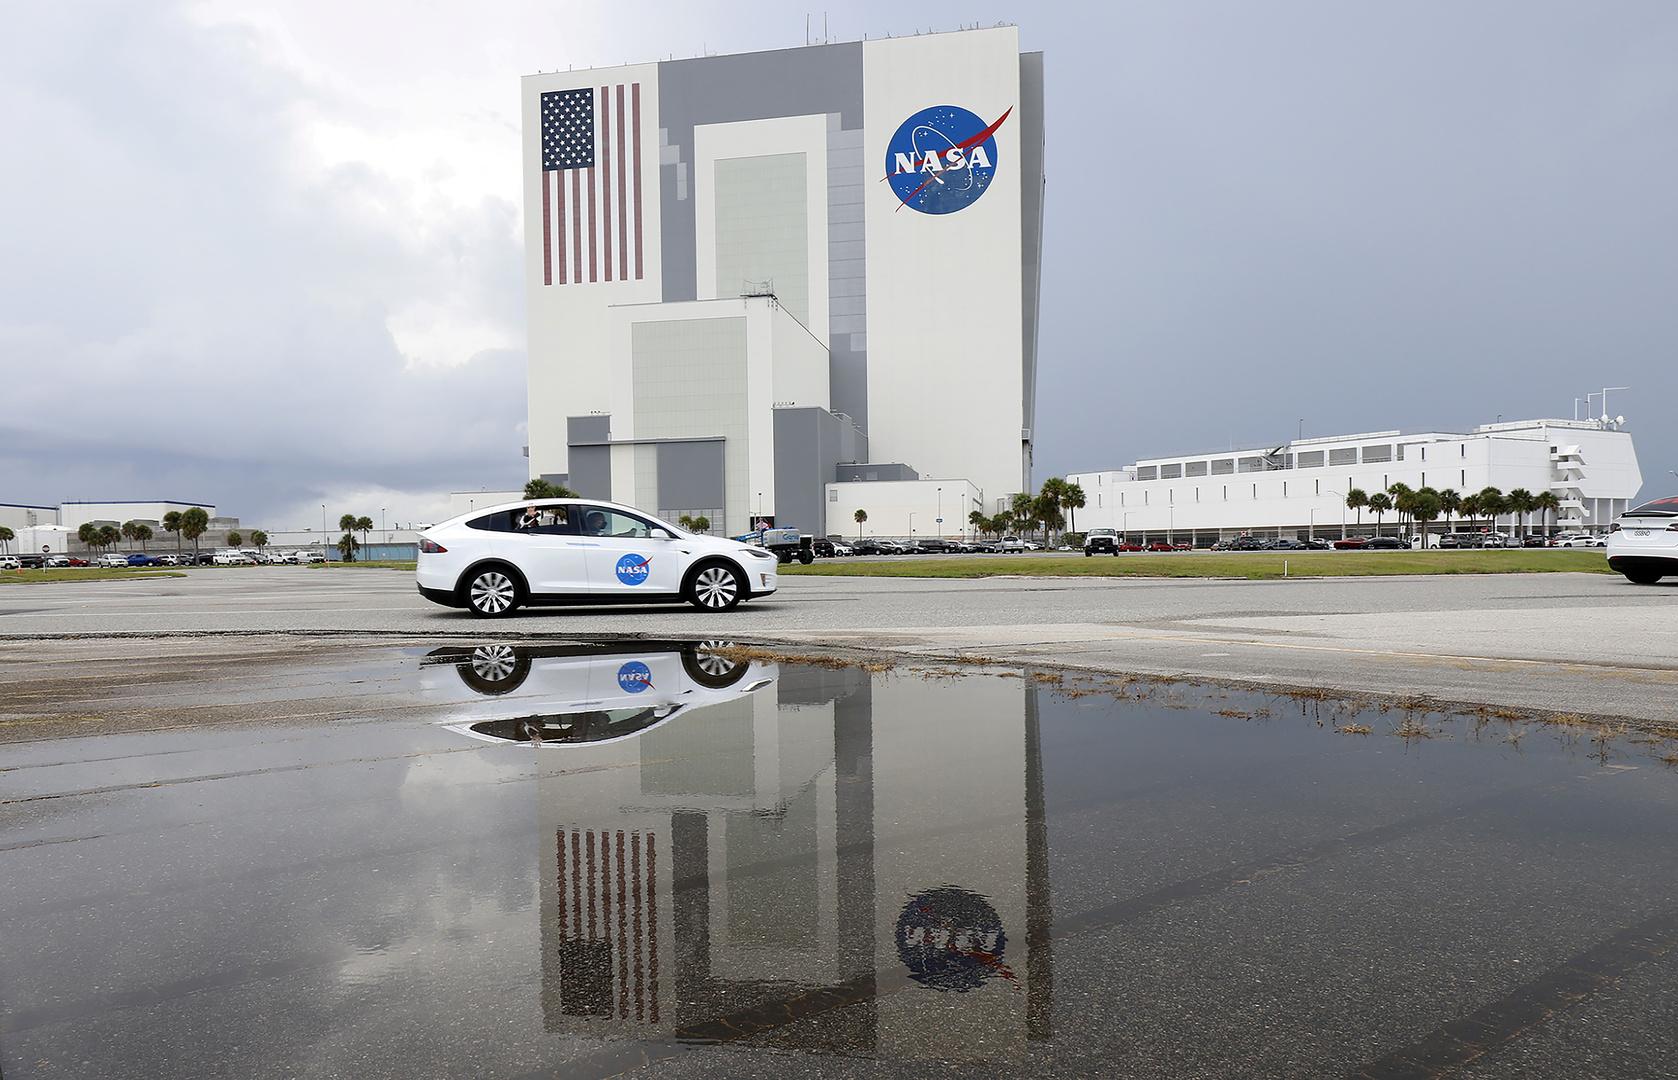 التعاون مع ناسا أشبه بطَرْق باب مرسوم على جدار -